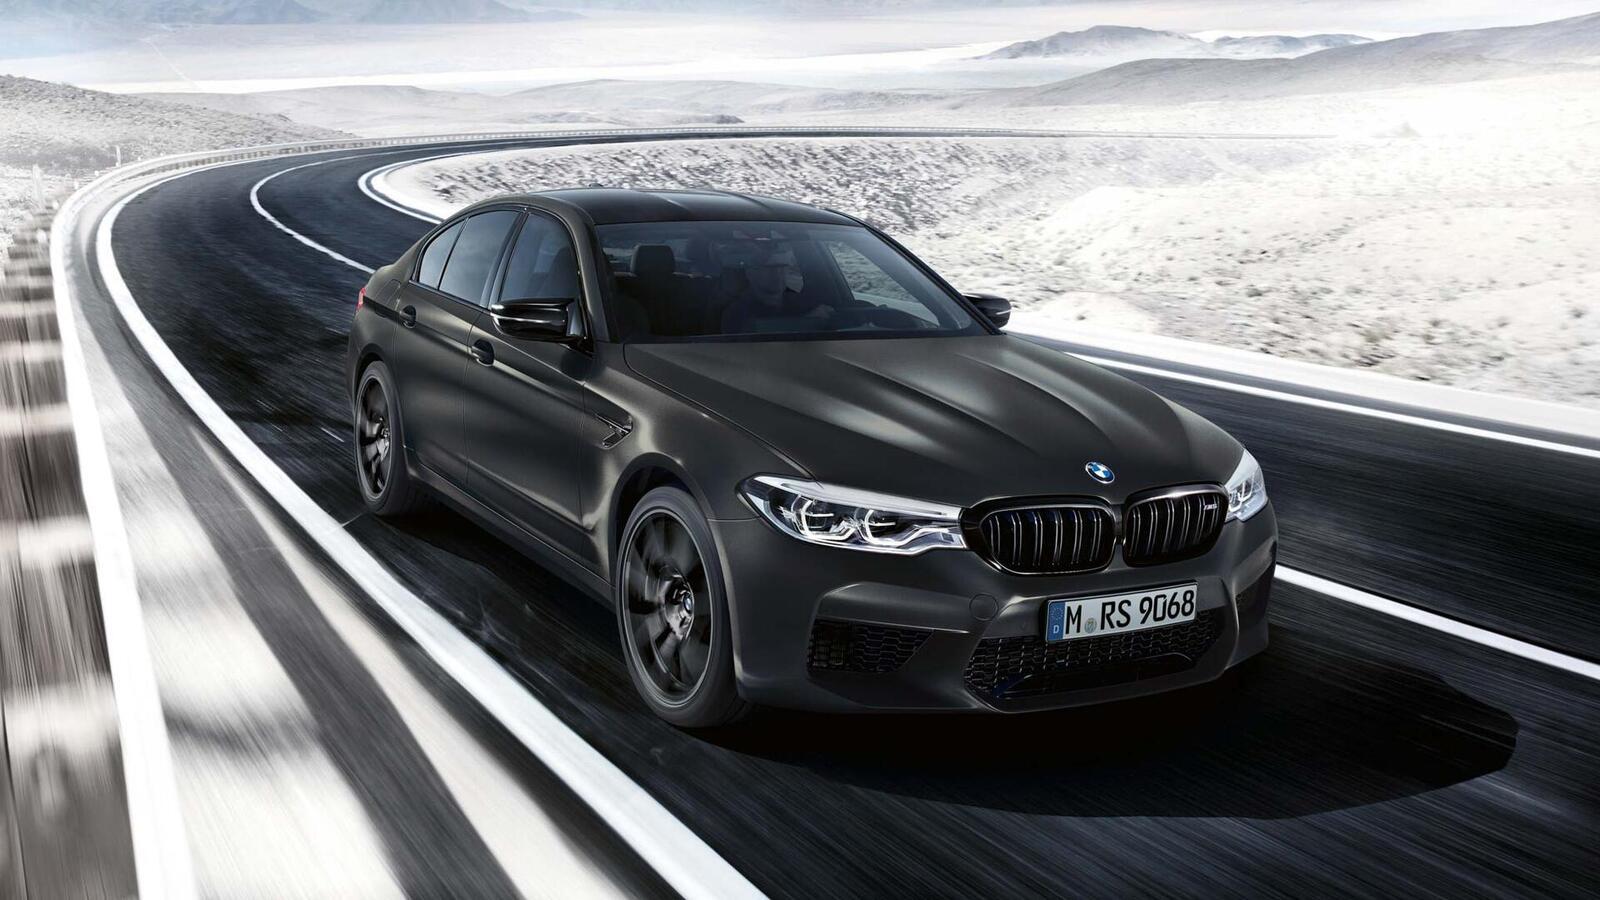 """Phiên bản đặc biệt của BMW tên M5 """"Edition 35 Jahre"""" được sản xuất giới hạn chỉ 350 chiếc - Hình 1"""